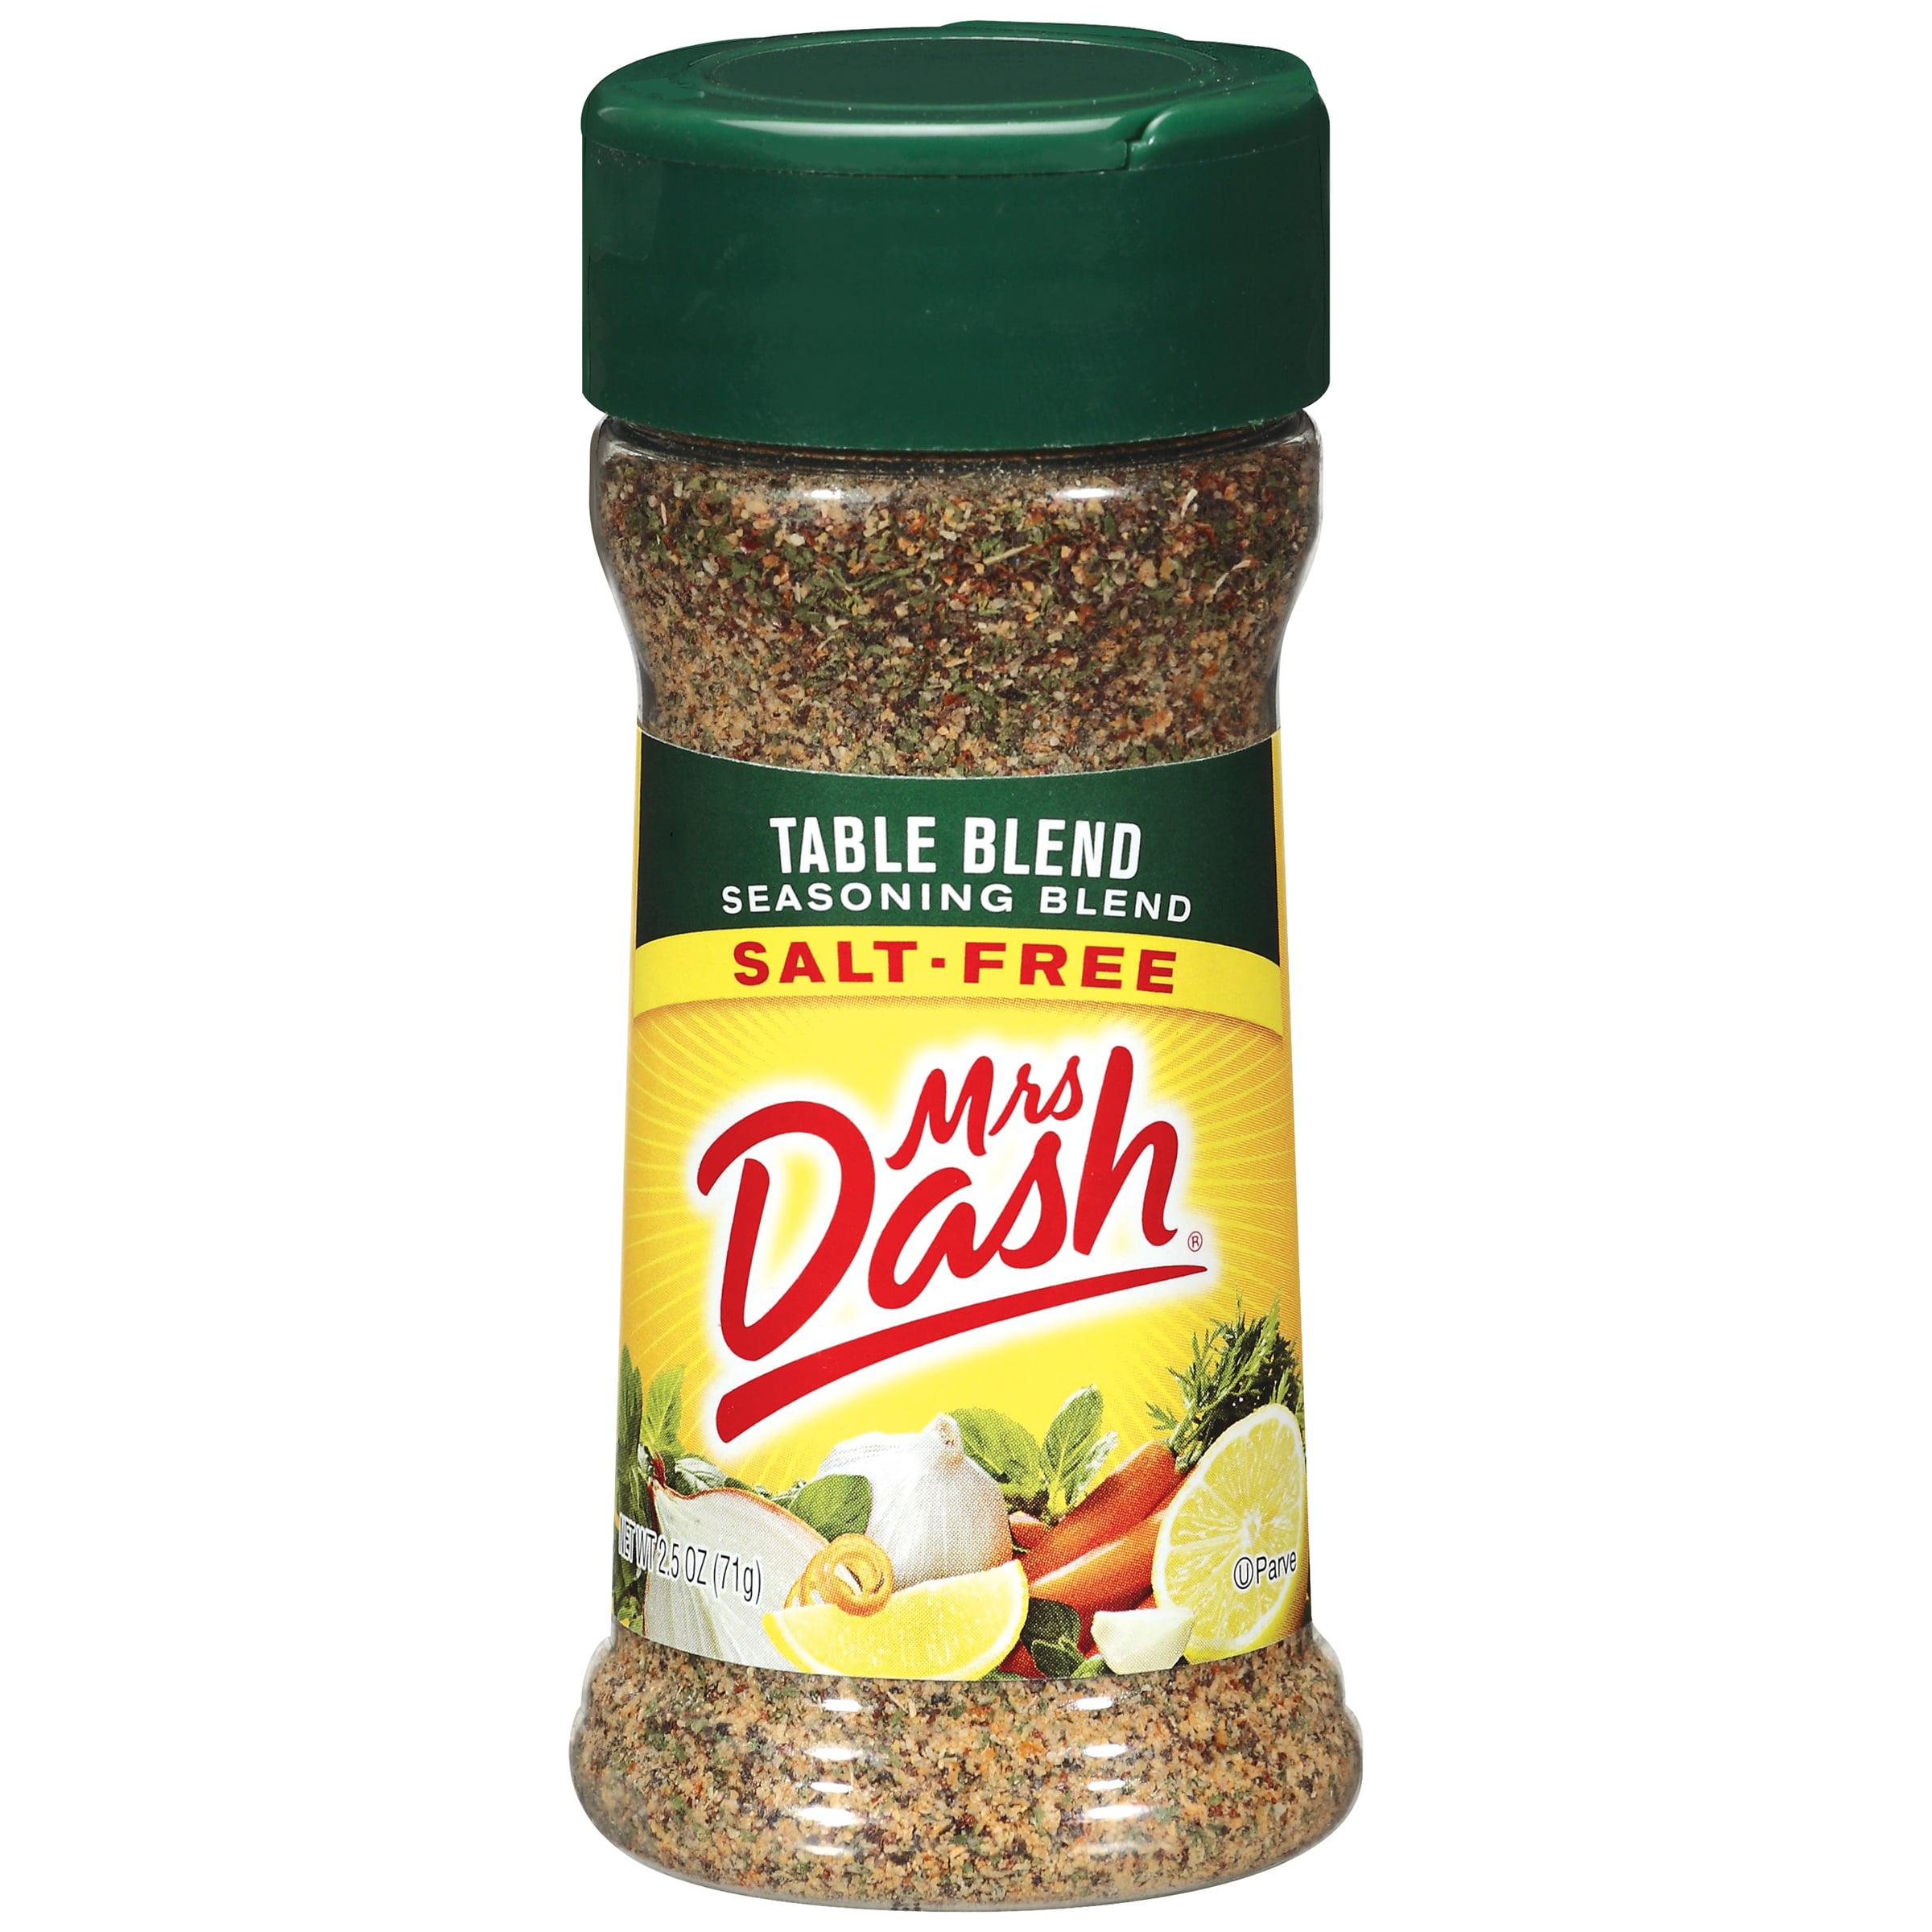 Mrs Dash Salt-Free Seasoning Table Blend, 2.5 oz